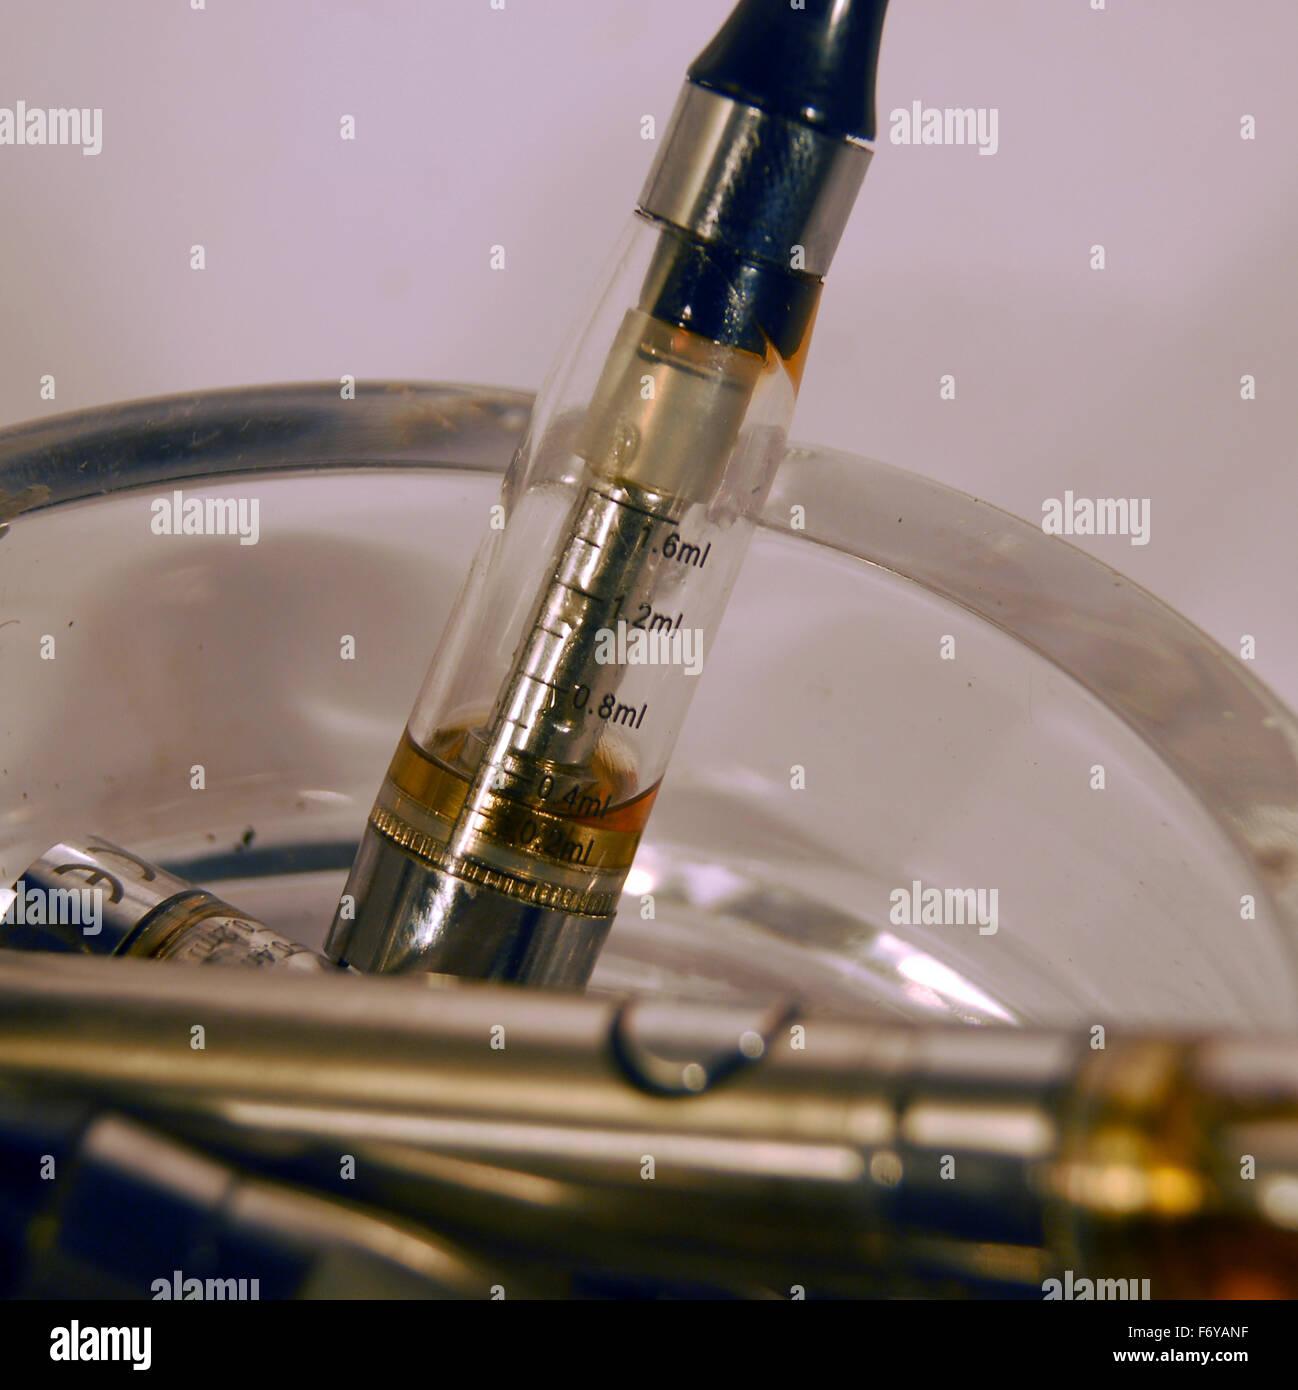 vape,vapouriser,smoking,herbal,ecig,e cigarettte,glass,ashtray - Stock Image